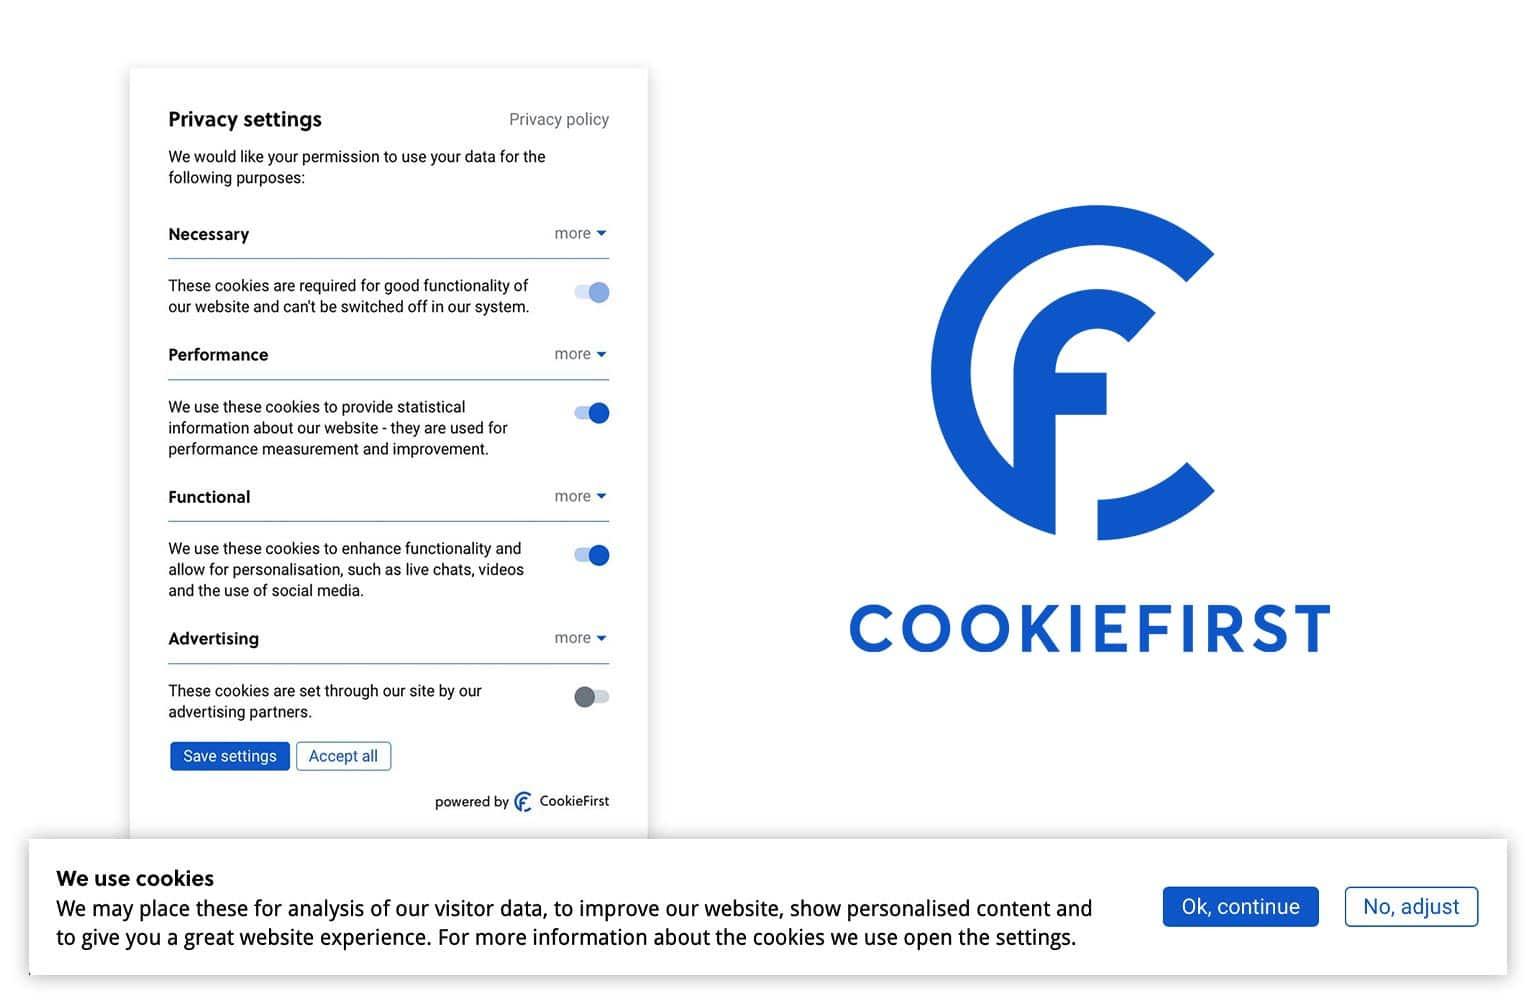 Cookie notice - CookieFirst fournit un consentement aux cookies conforme à ePrivacy, RGPD, CCPA et LGPD